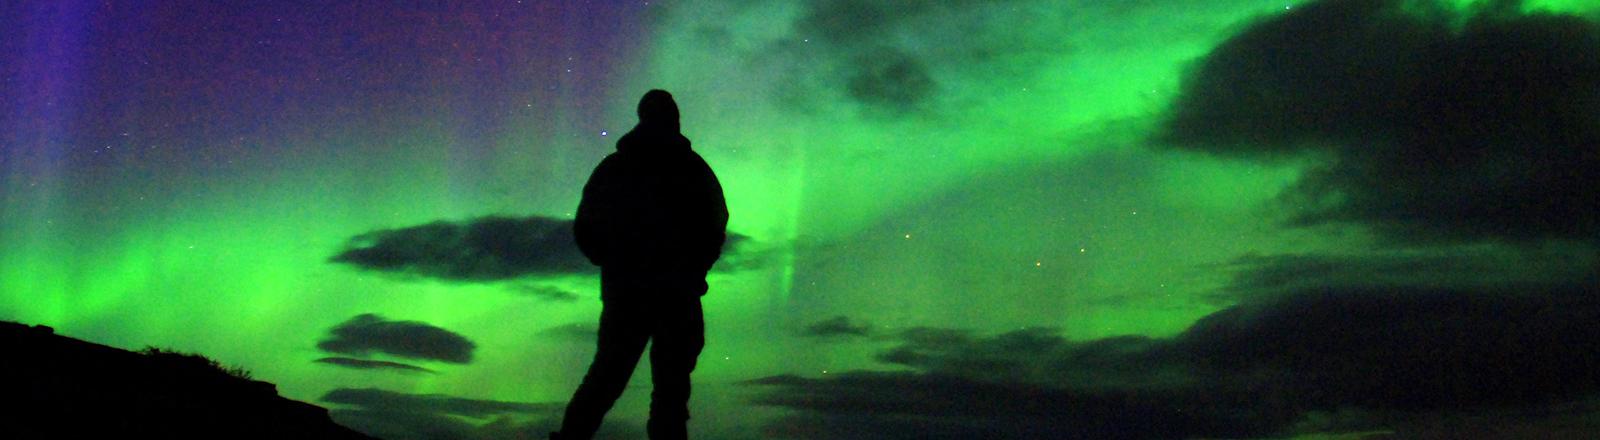 Am Porsangerfjord in der Finnmark in Nordnorwegen, rund 60 Kilometer südlich des Nordkaps nahe des Ortes Repvag, beobachtet in der Nacht am 14.09.2005 ein Mann das farbenprächtige Schauspiel eines Polarlichts das durch Wolkenlücken scheint